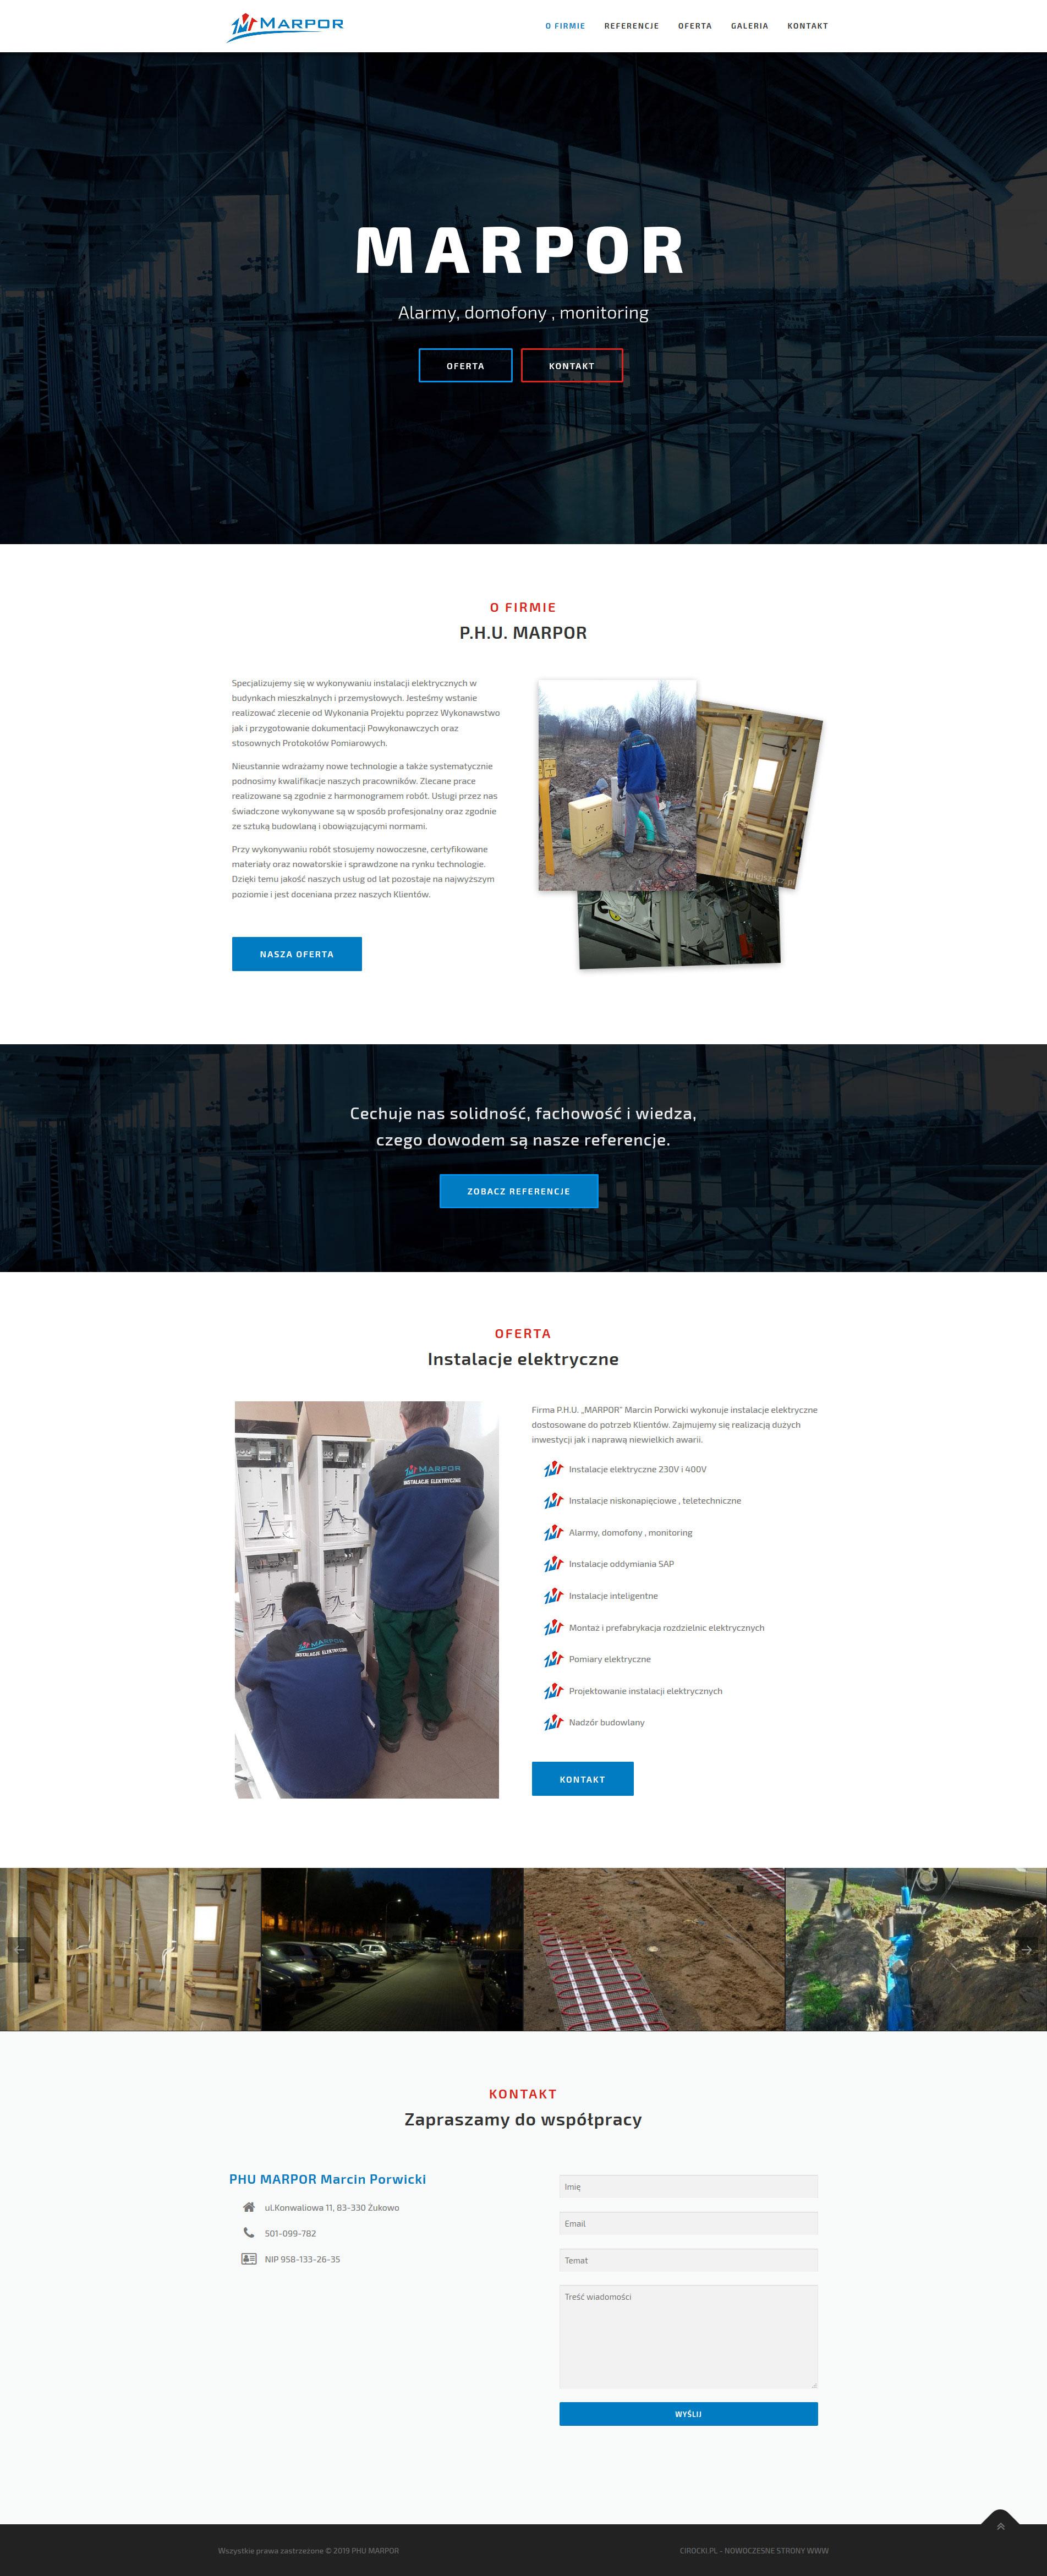 strona internetowa firmy wykonującej instalacje elektryczne - projekt strony